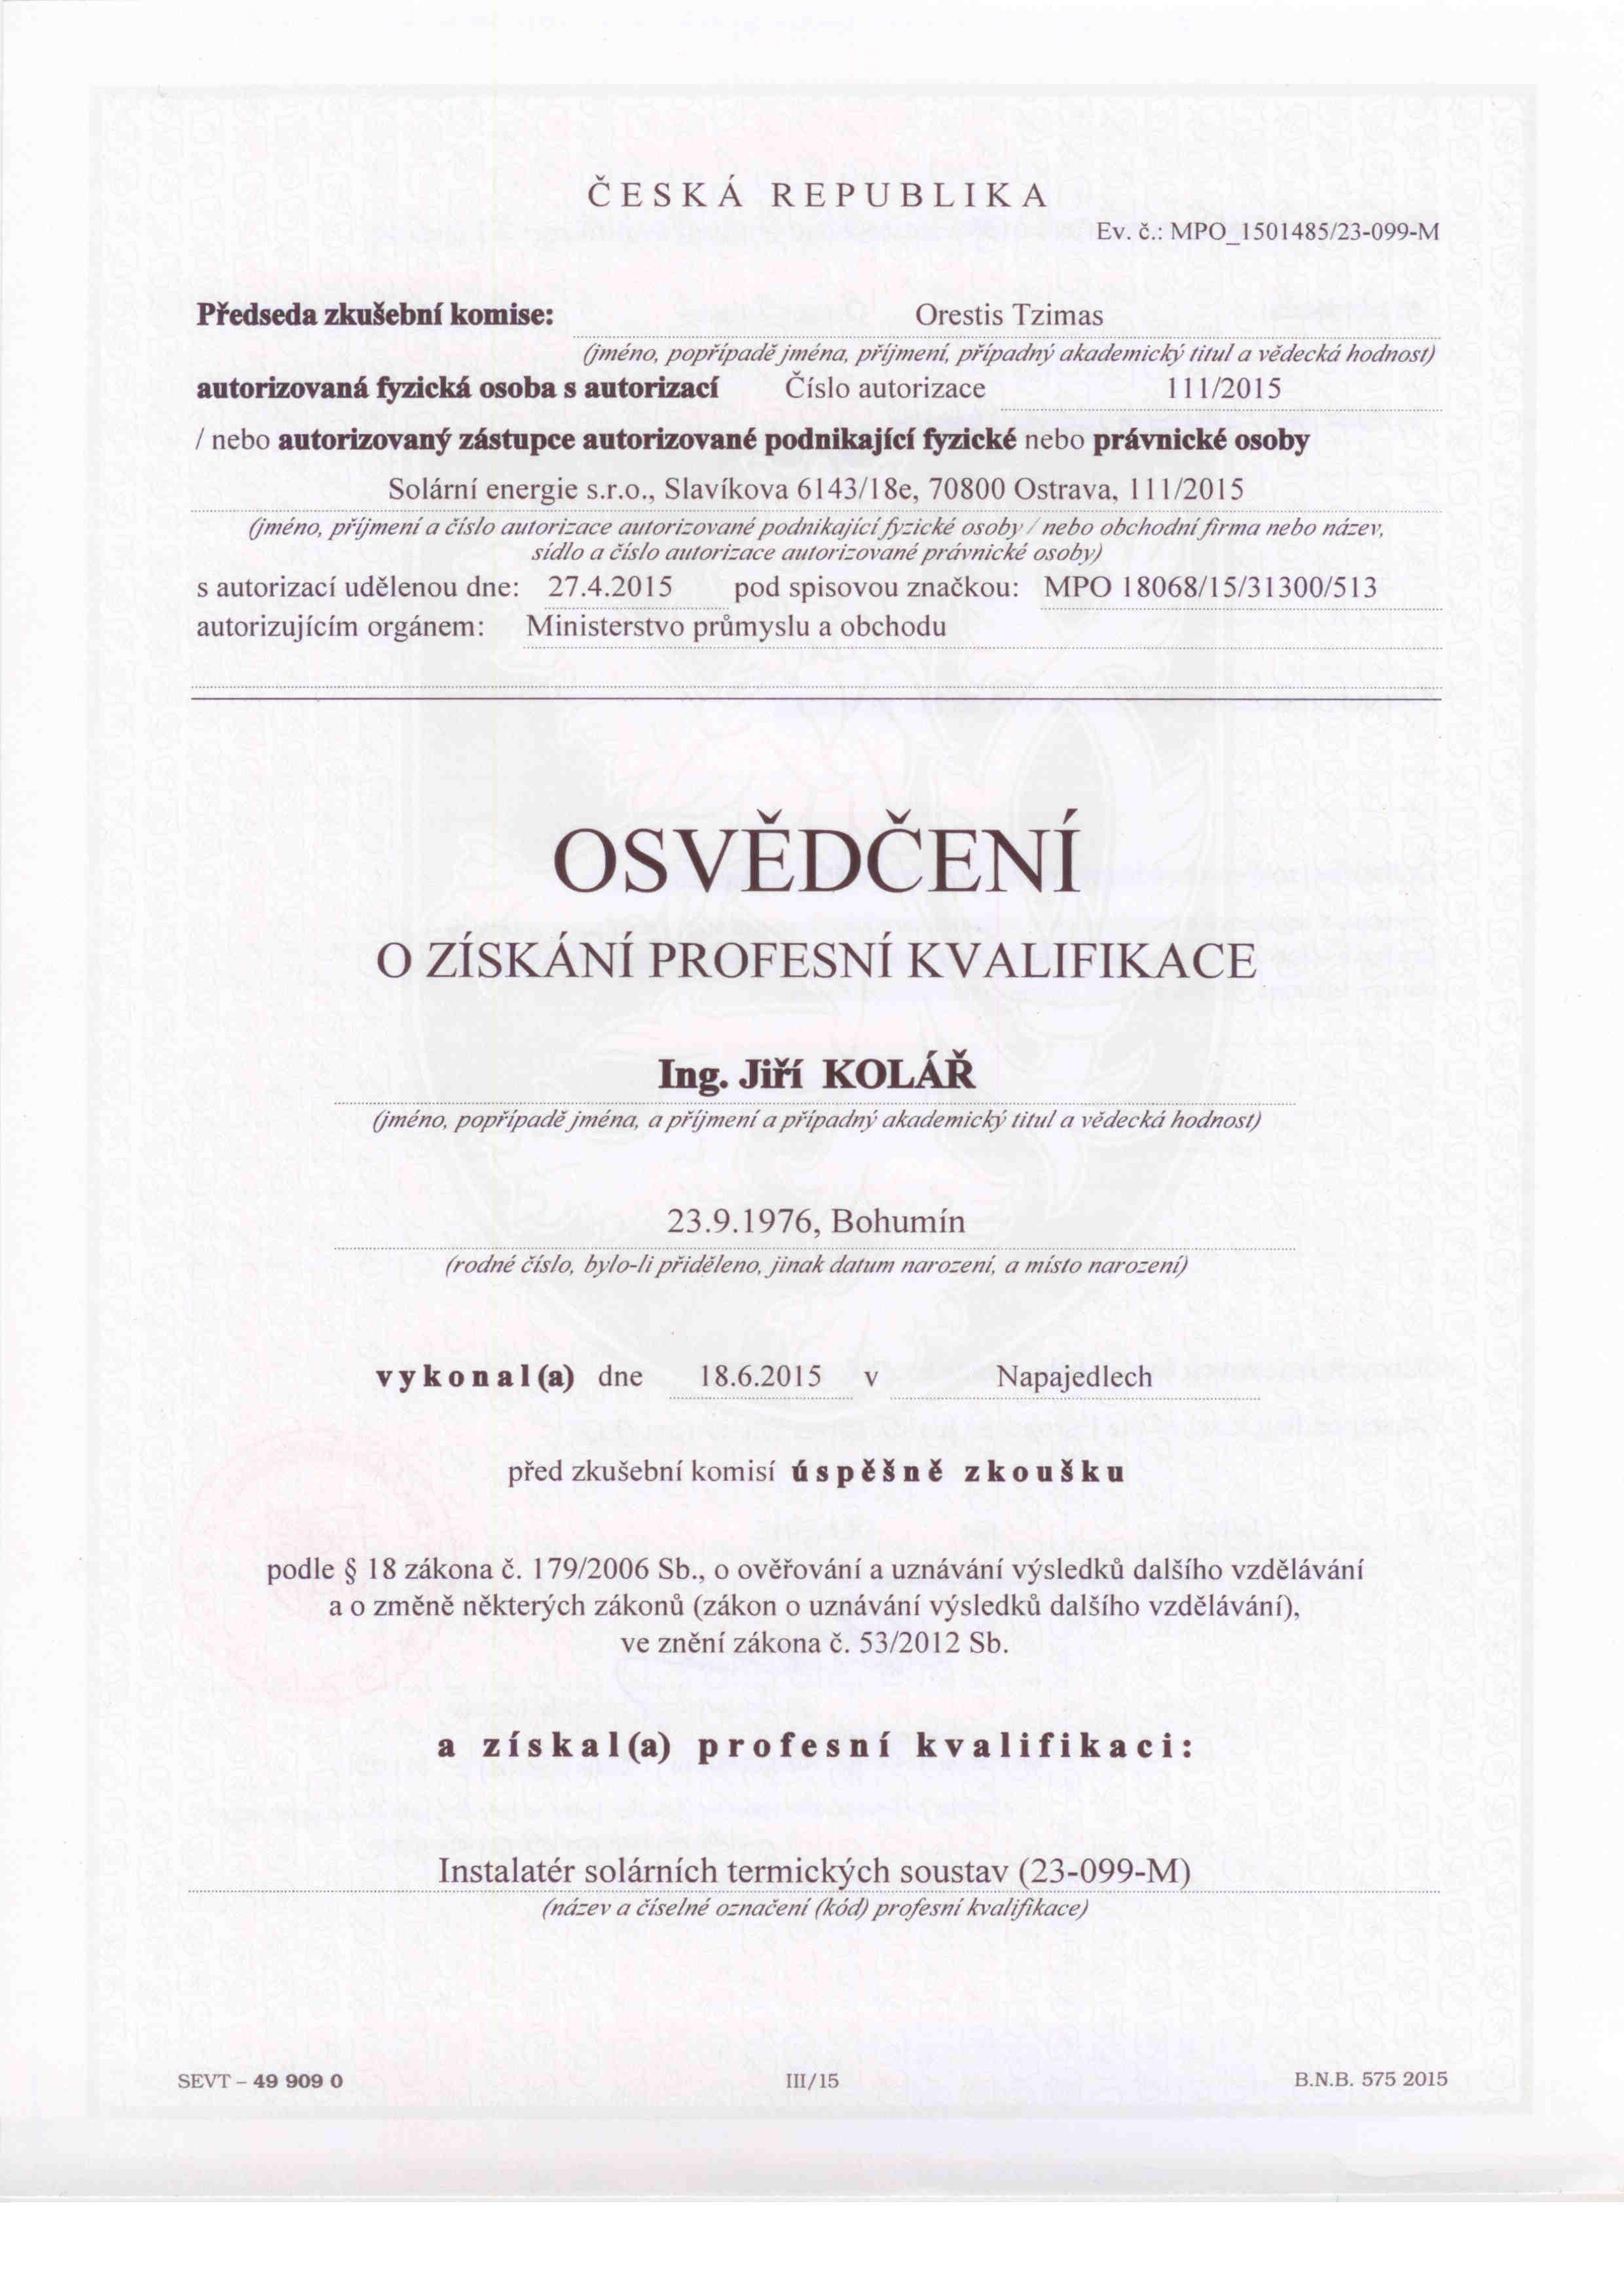 Profesni-kvalifikace-solar-20105